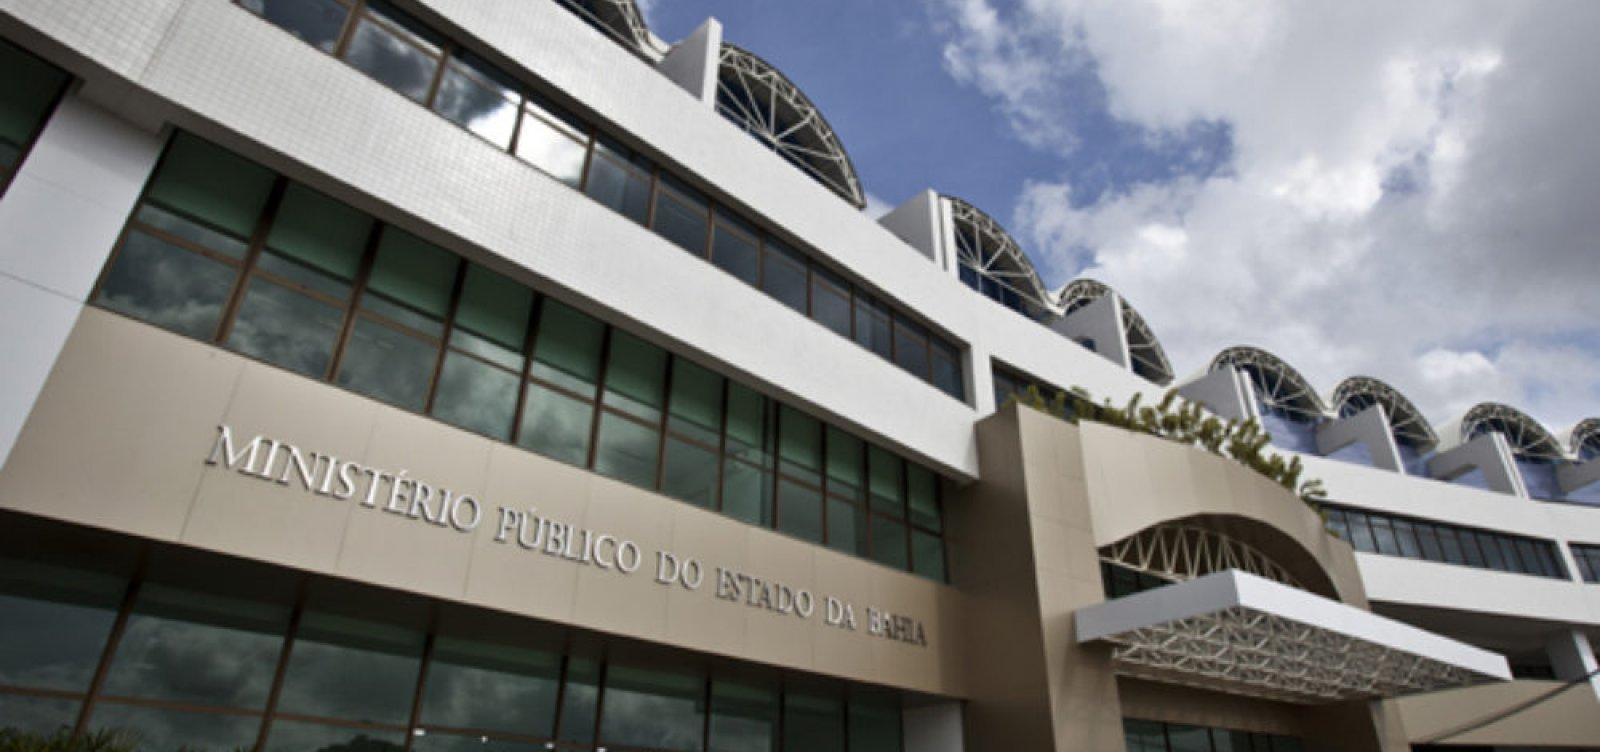 Chefe de gabinete de Poções é afastado por determinação da Justiça, diz MP-BA